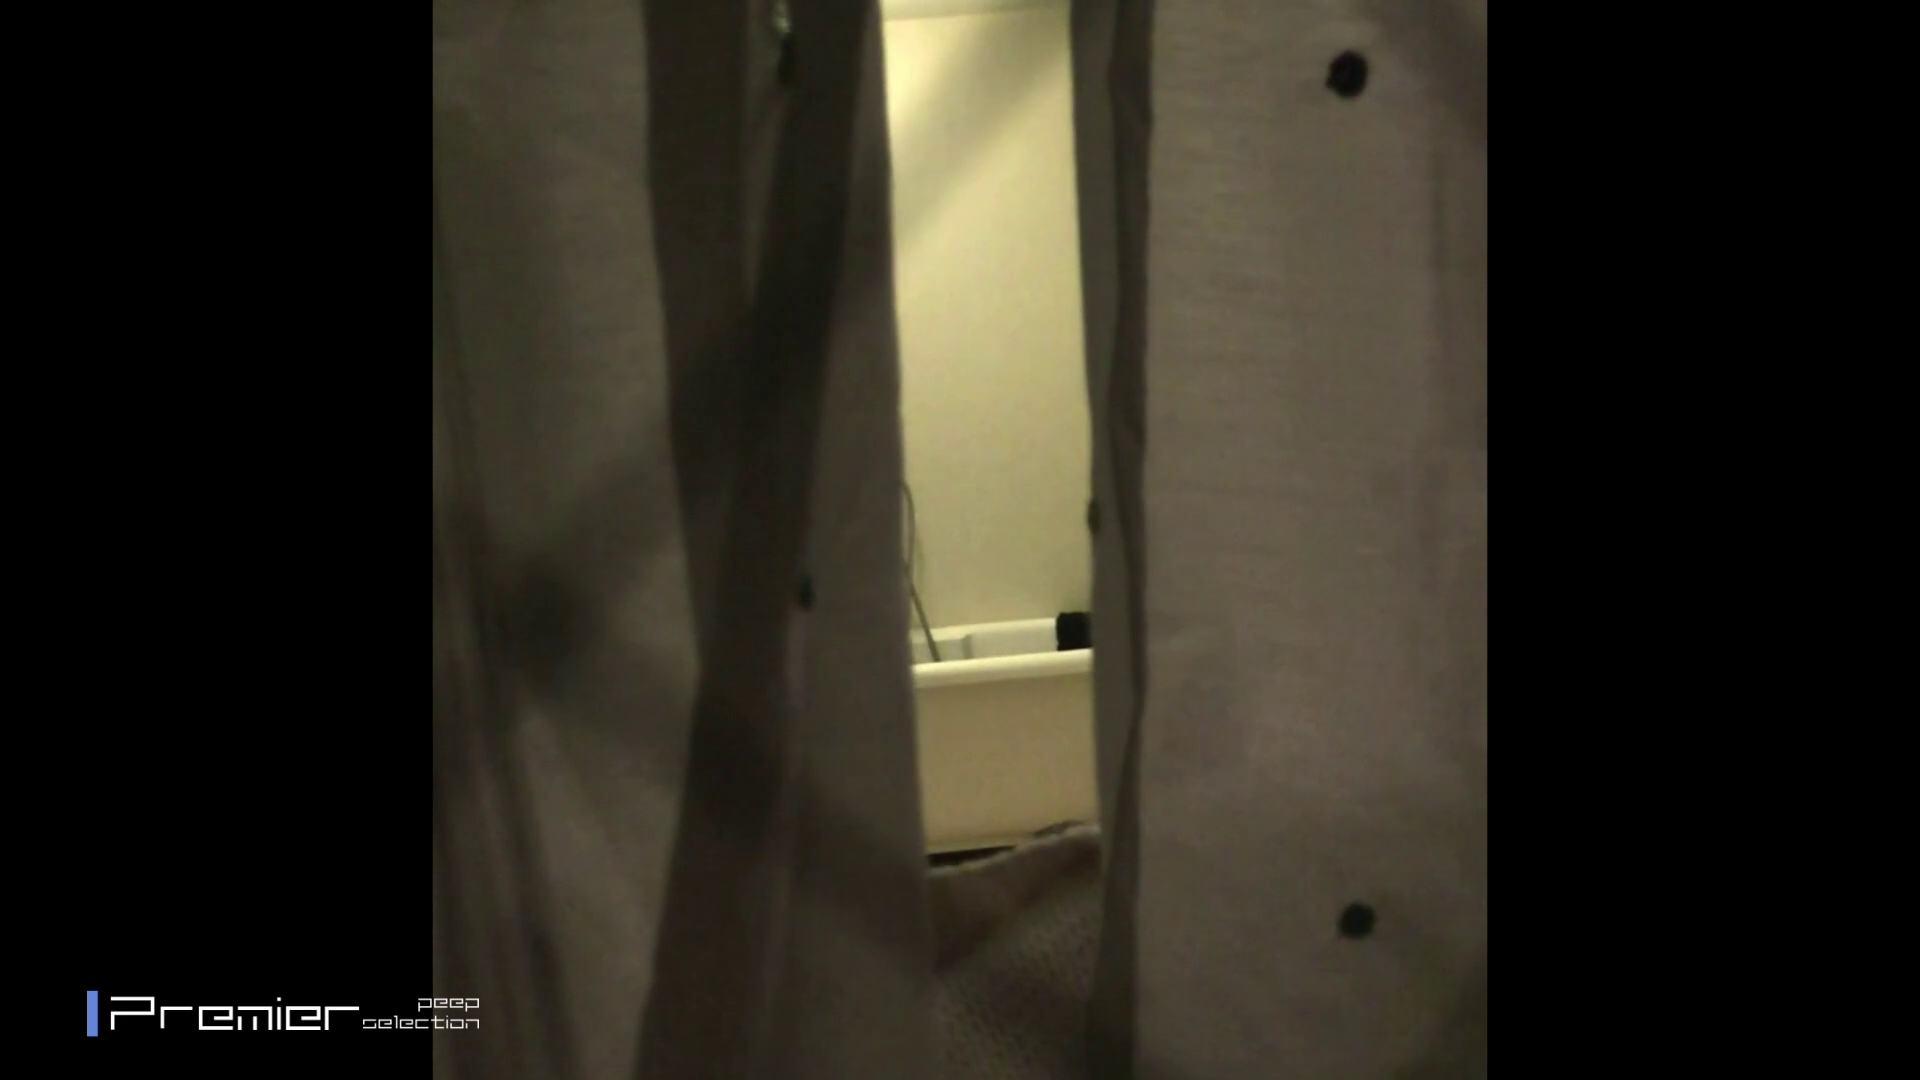 未公開★現役モデルのシャワー  美女達の私生活に潜入! 高画質 | シャワー室  94枚 1